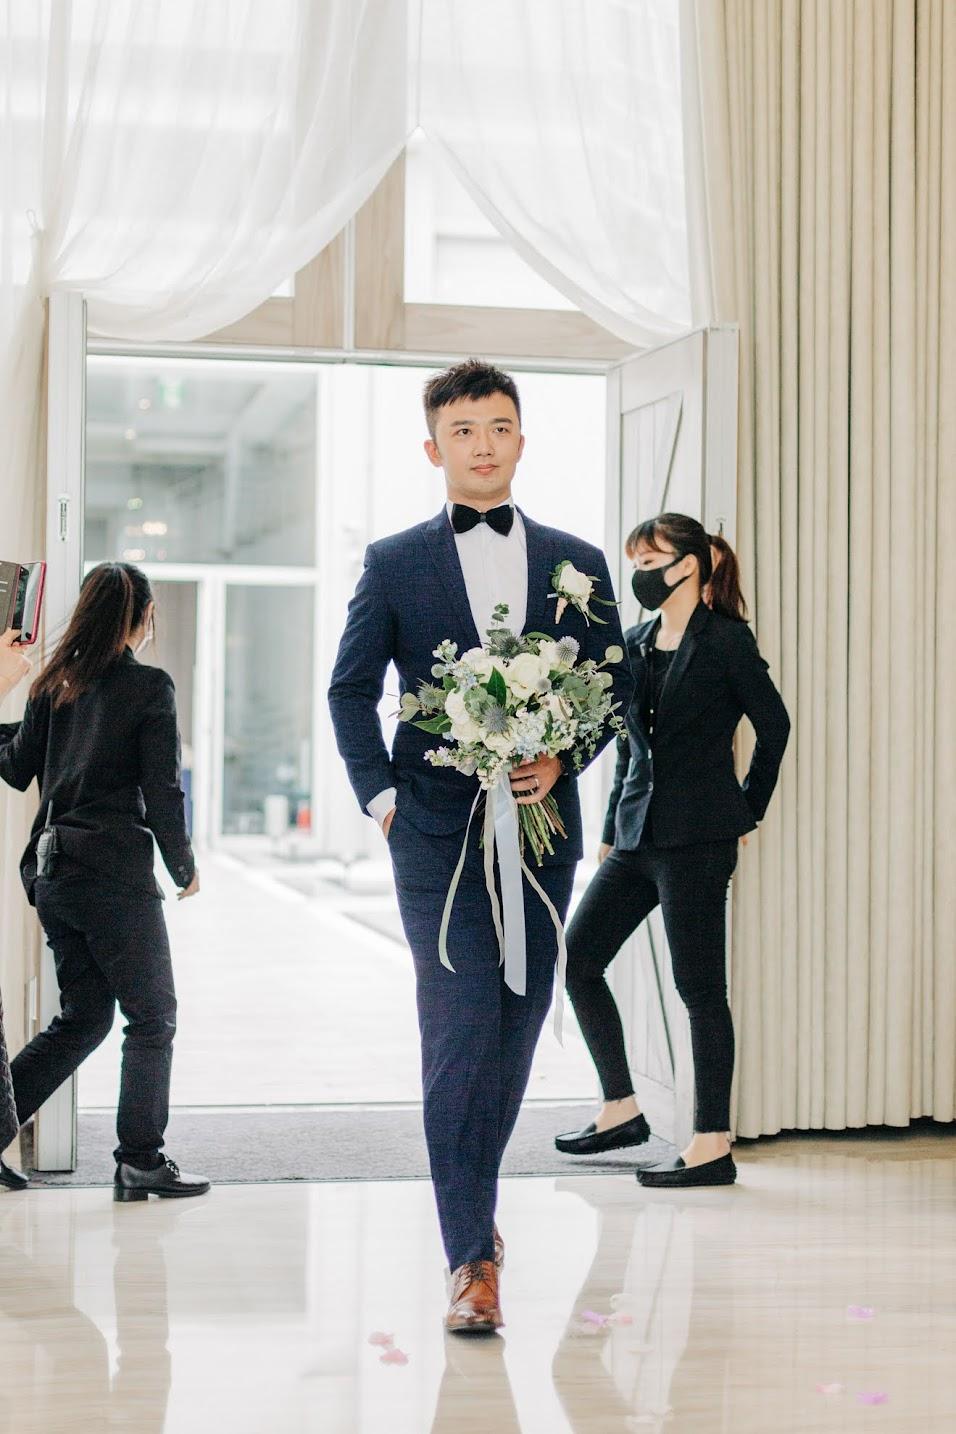 undefined8F萊特薇庭廳的湖畔婚禮攝影 / LIGHT WEDDING / AMAZING GRACE美式婚攝